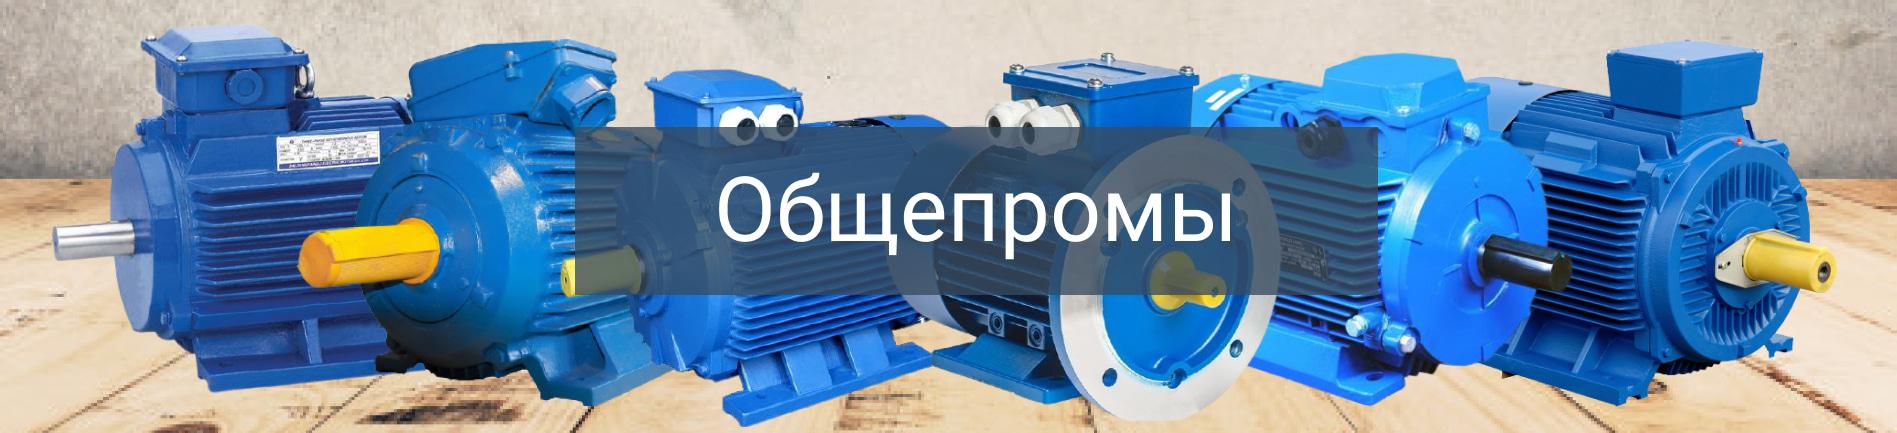 Общепромышленные электродвигатели 45 квт